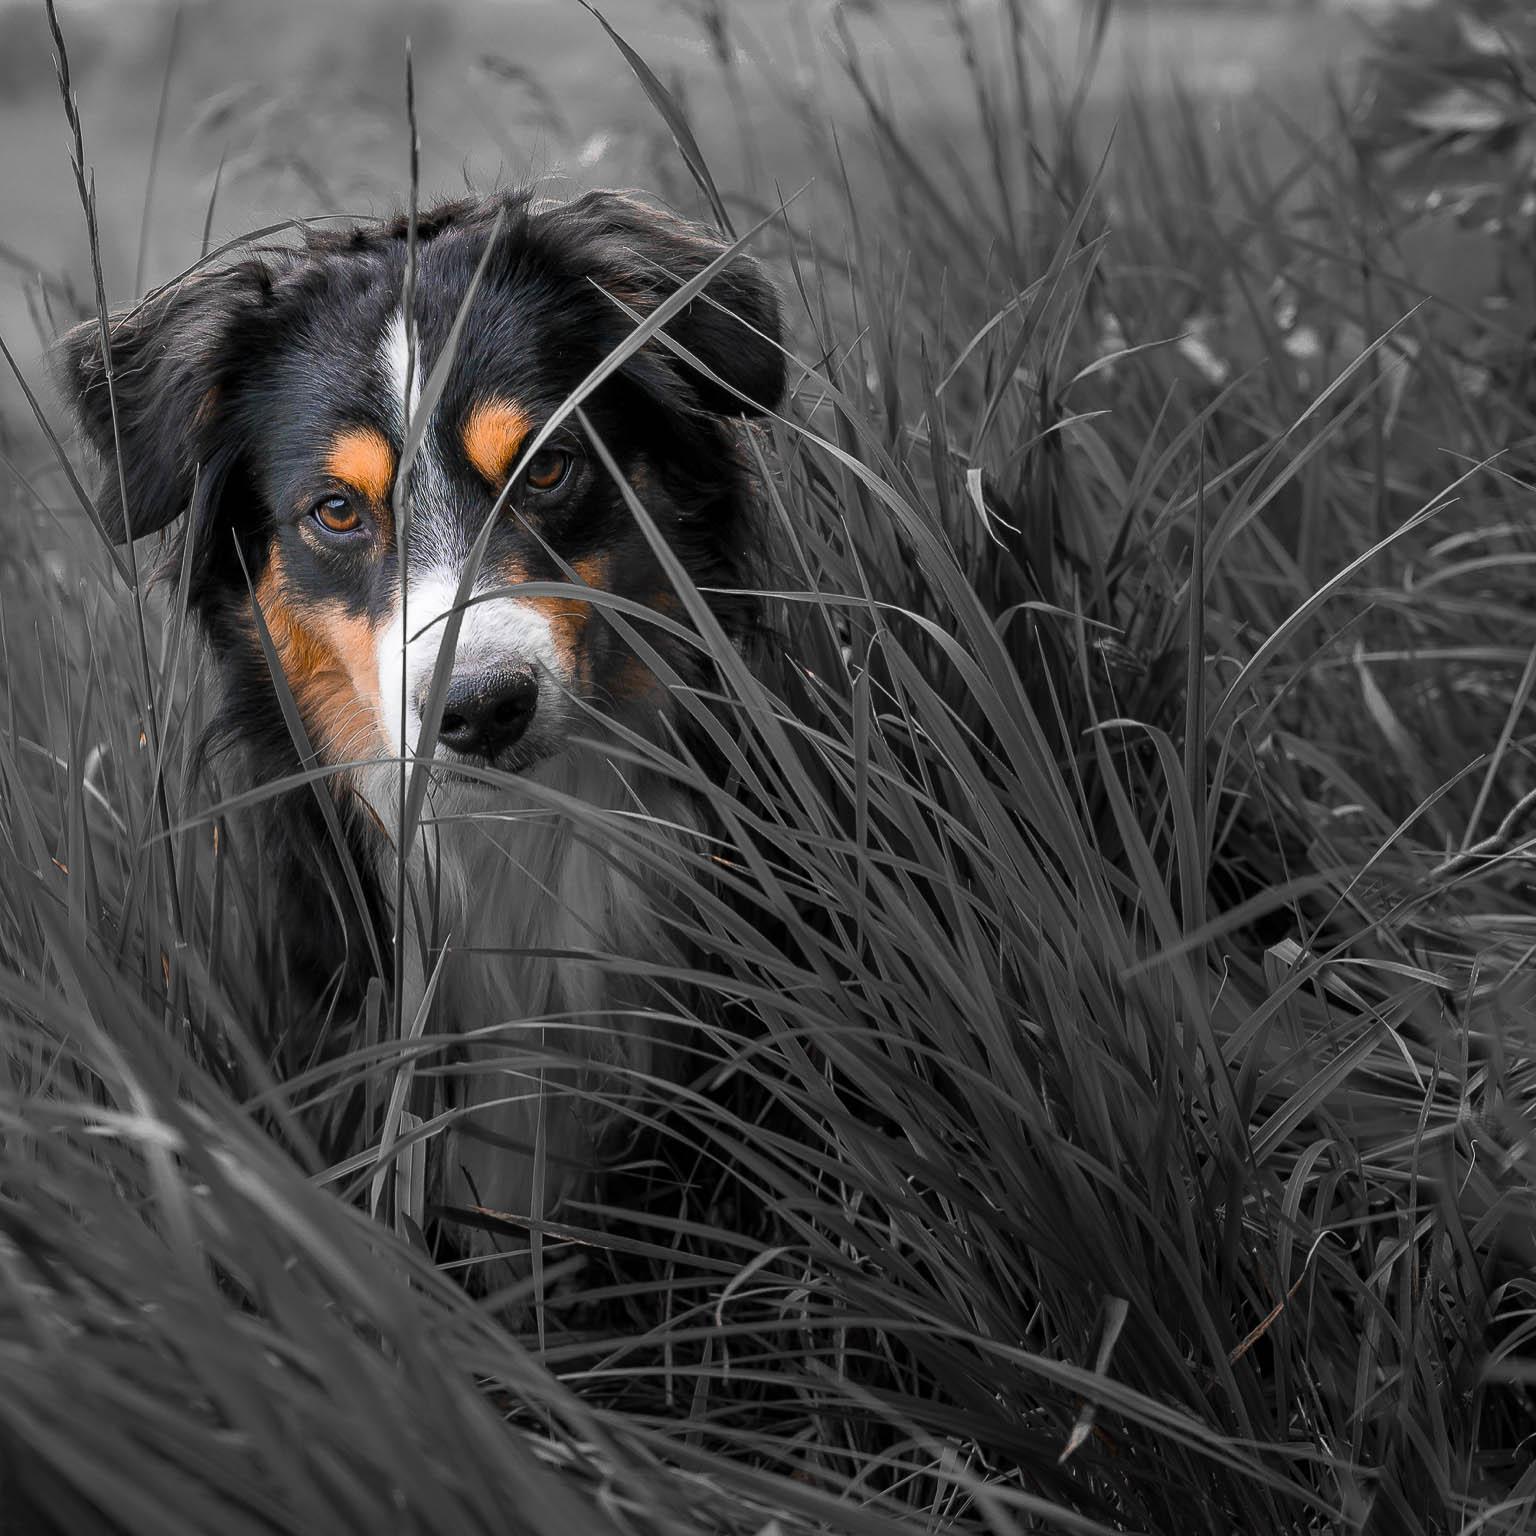 Aussi versteckt sich im hohen Gras